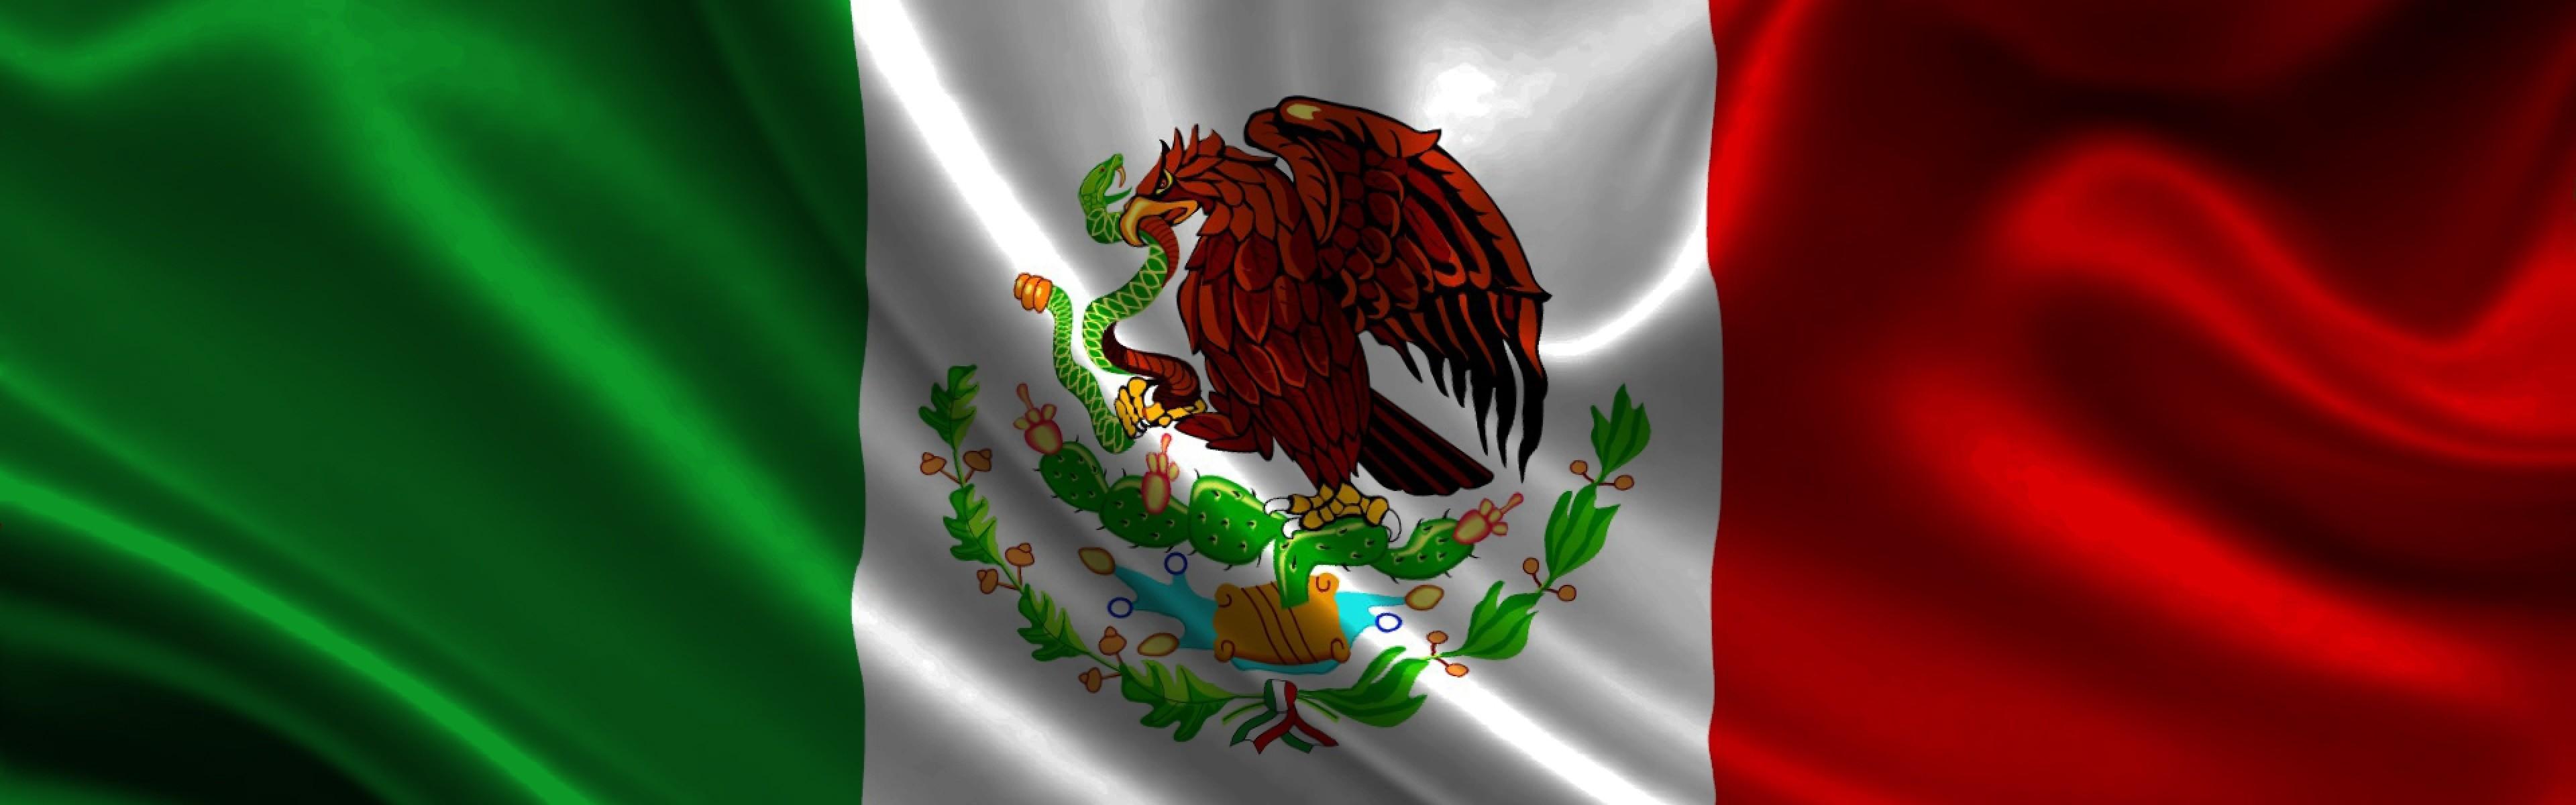 mexico soccer wallpaper